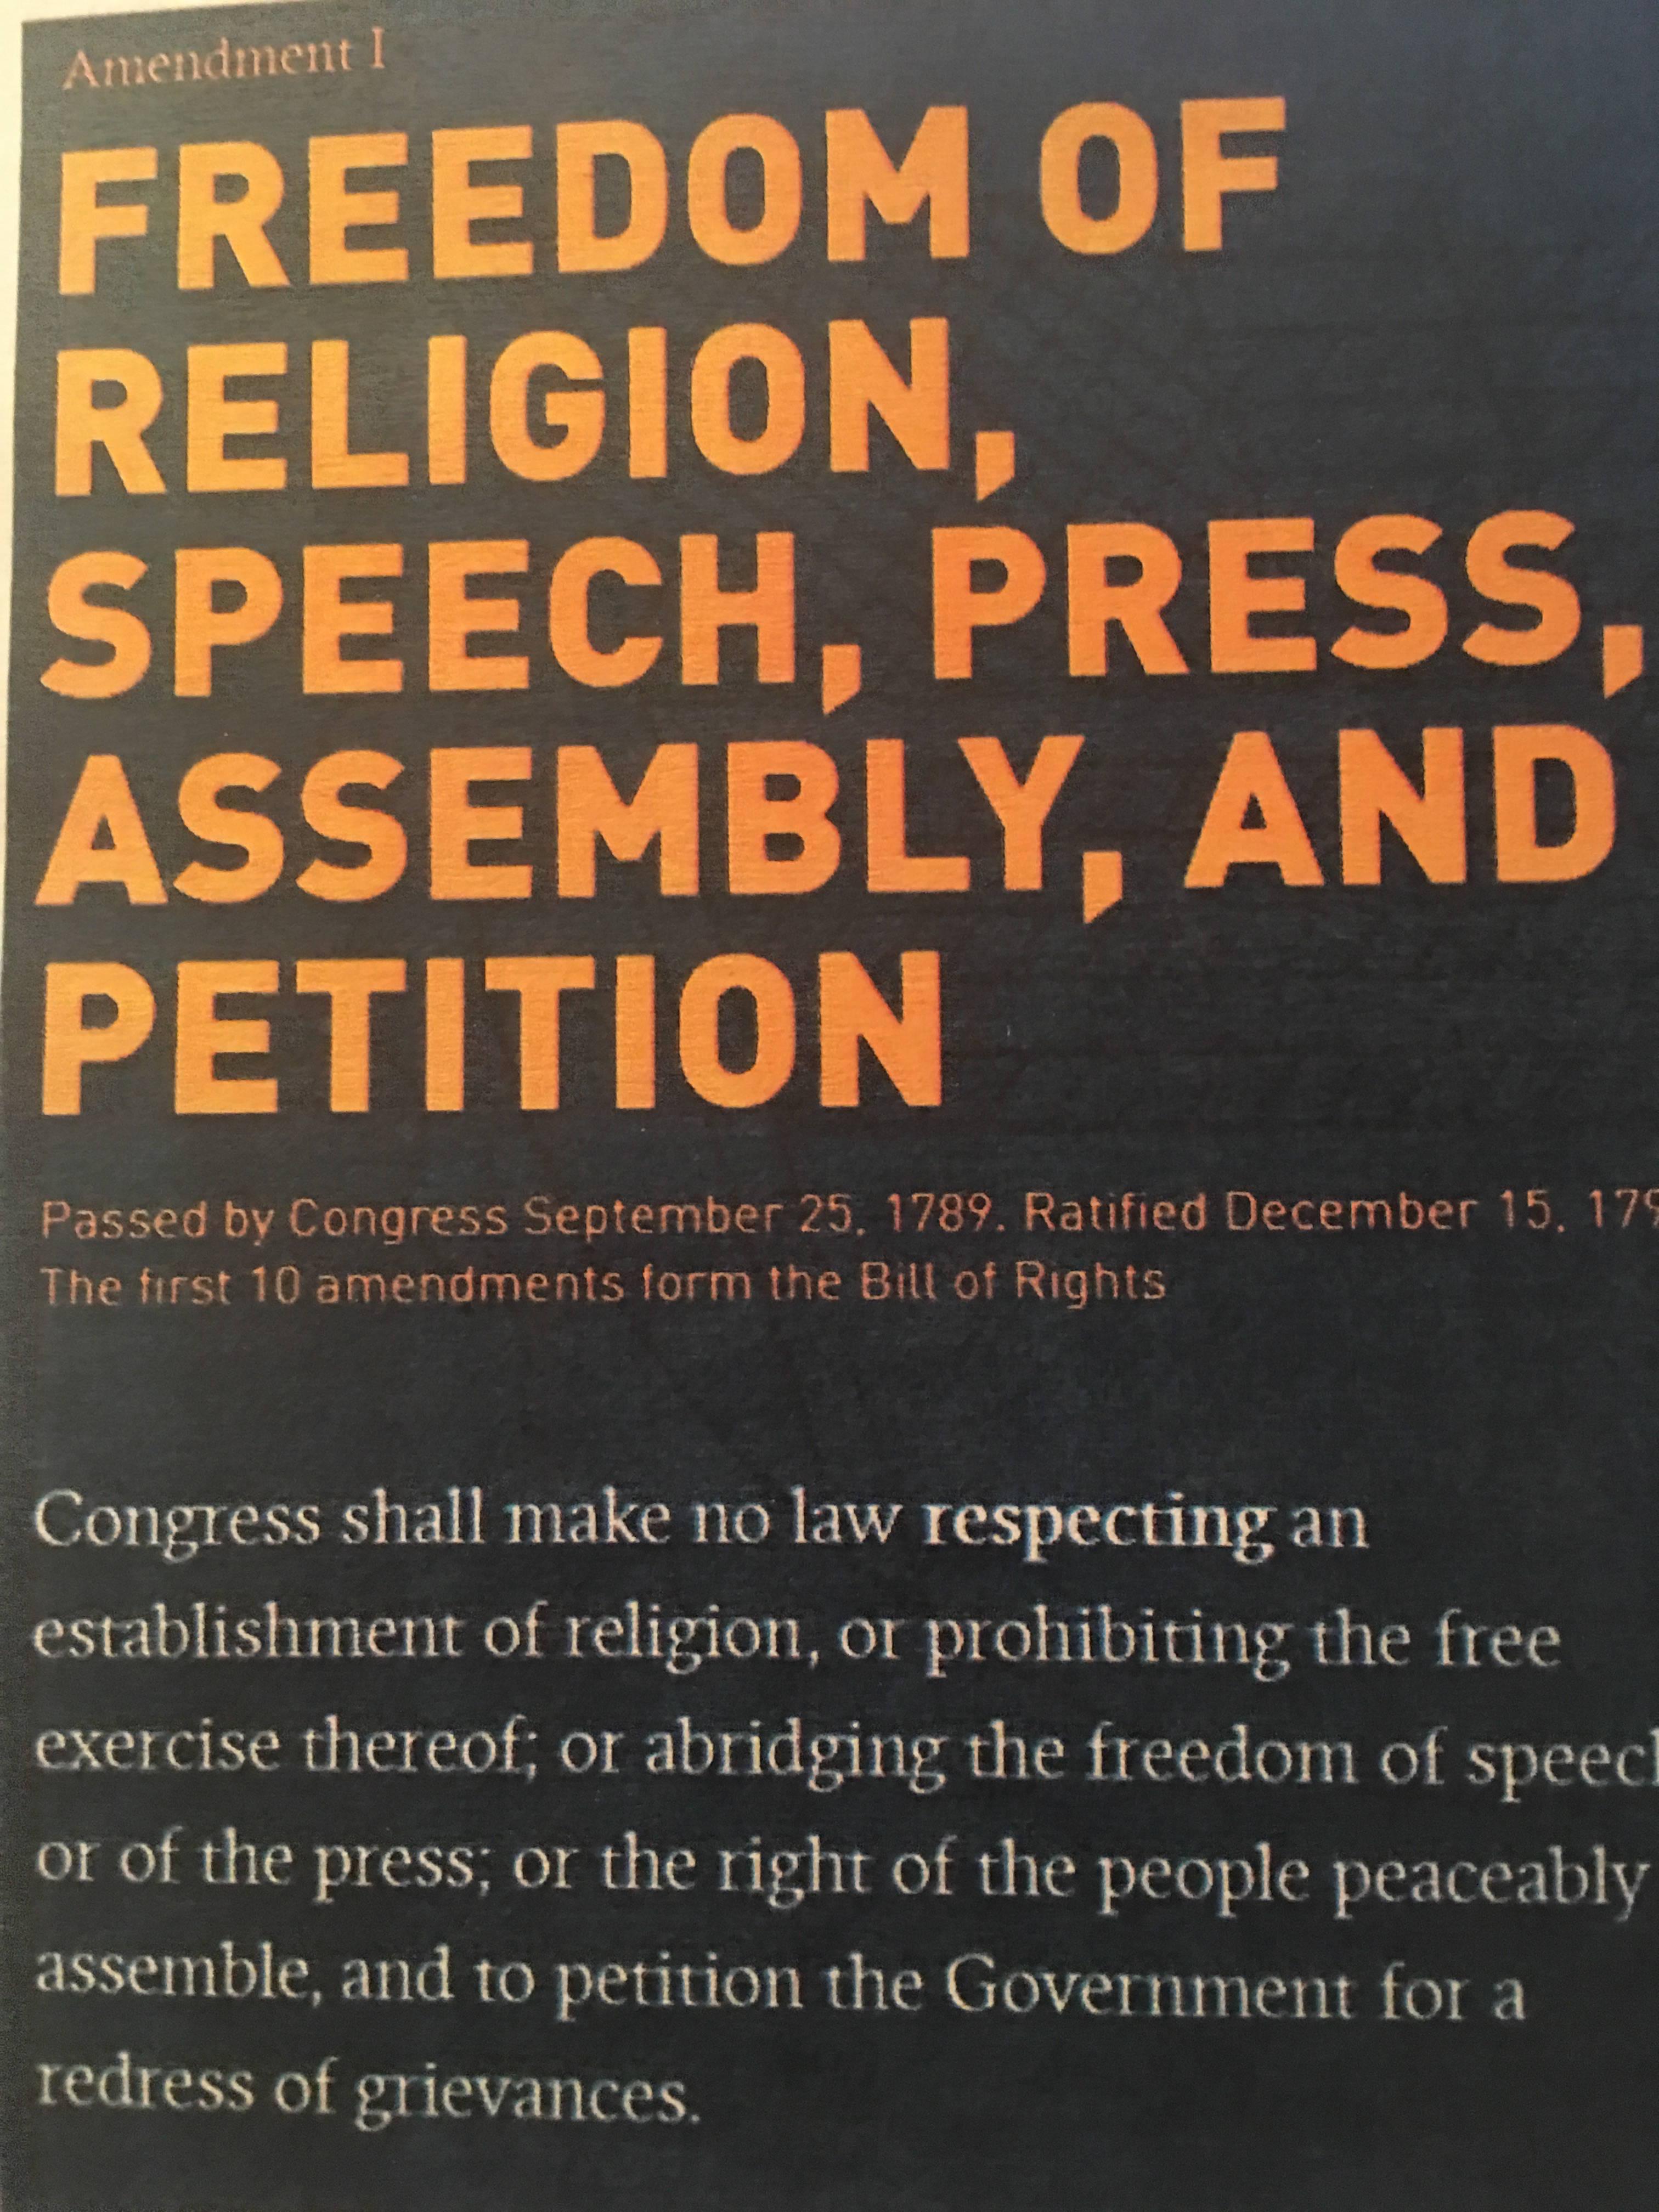 cbfd885f4ed62e647e98_bbdf32e03a42c1ca1bea_freedom_of_speech_1.jpg